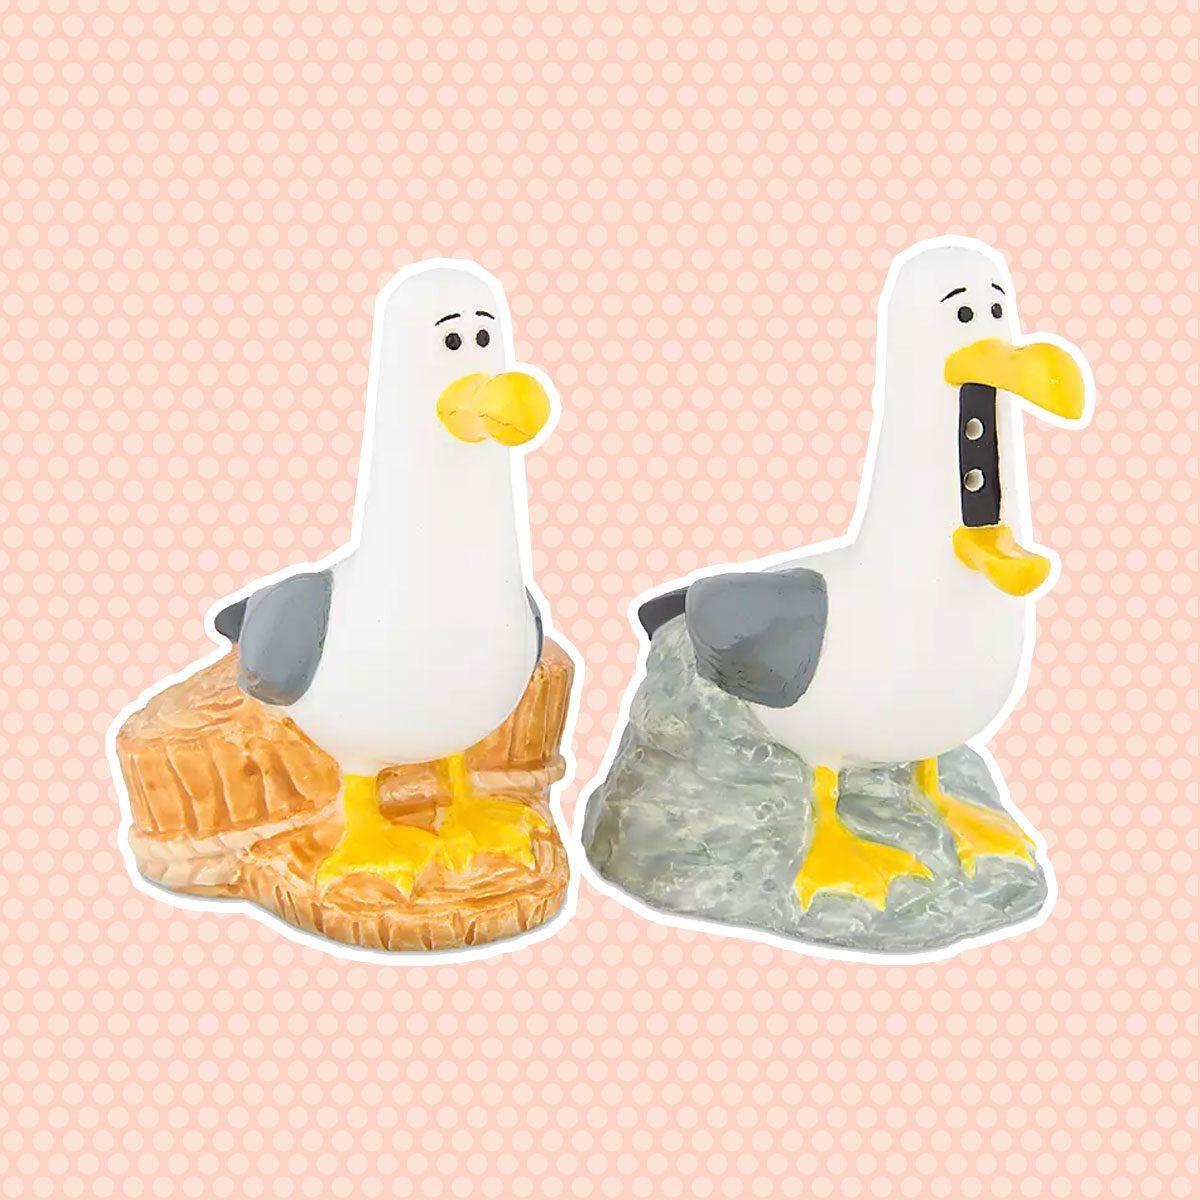 Finding Nemo Seagulls Salt & Pepper Shaker Set